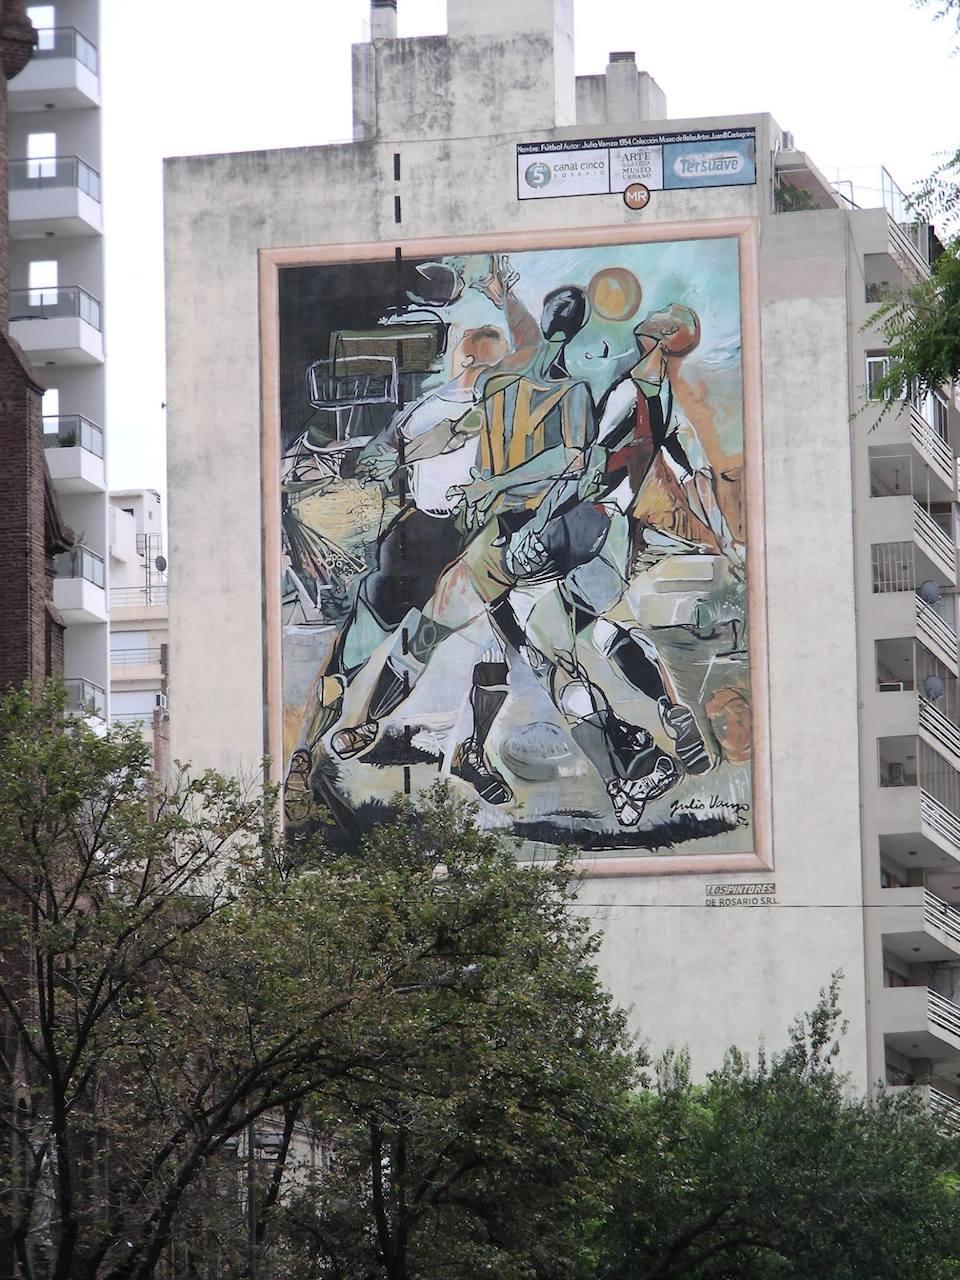 Street Art in Rosario, Argentina 635